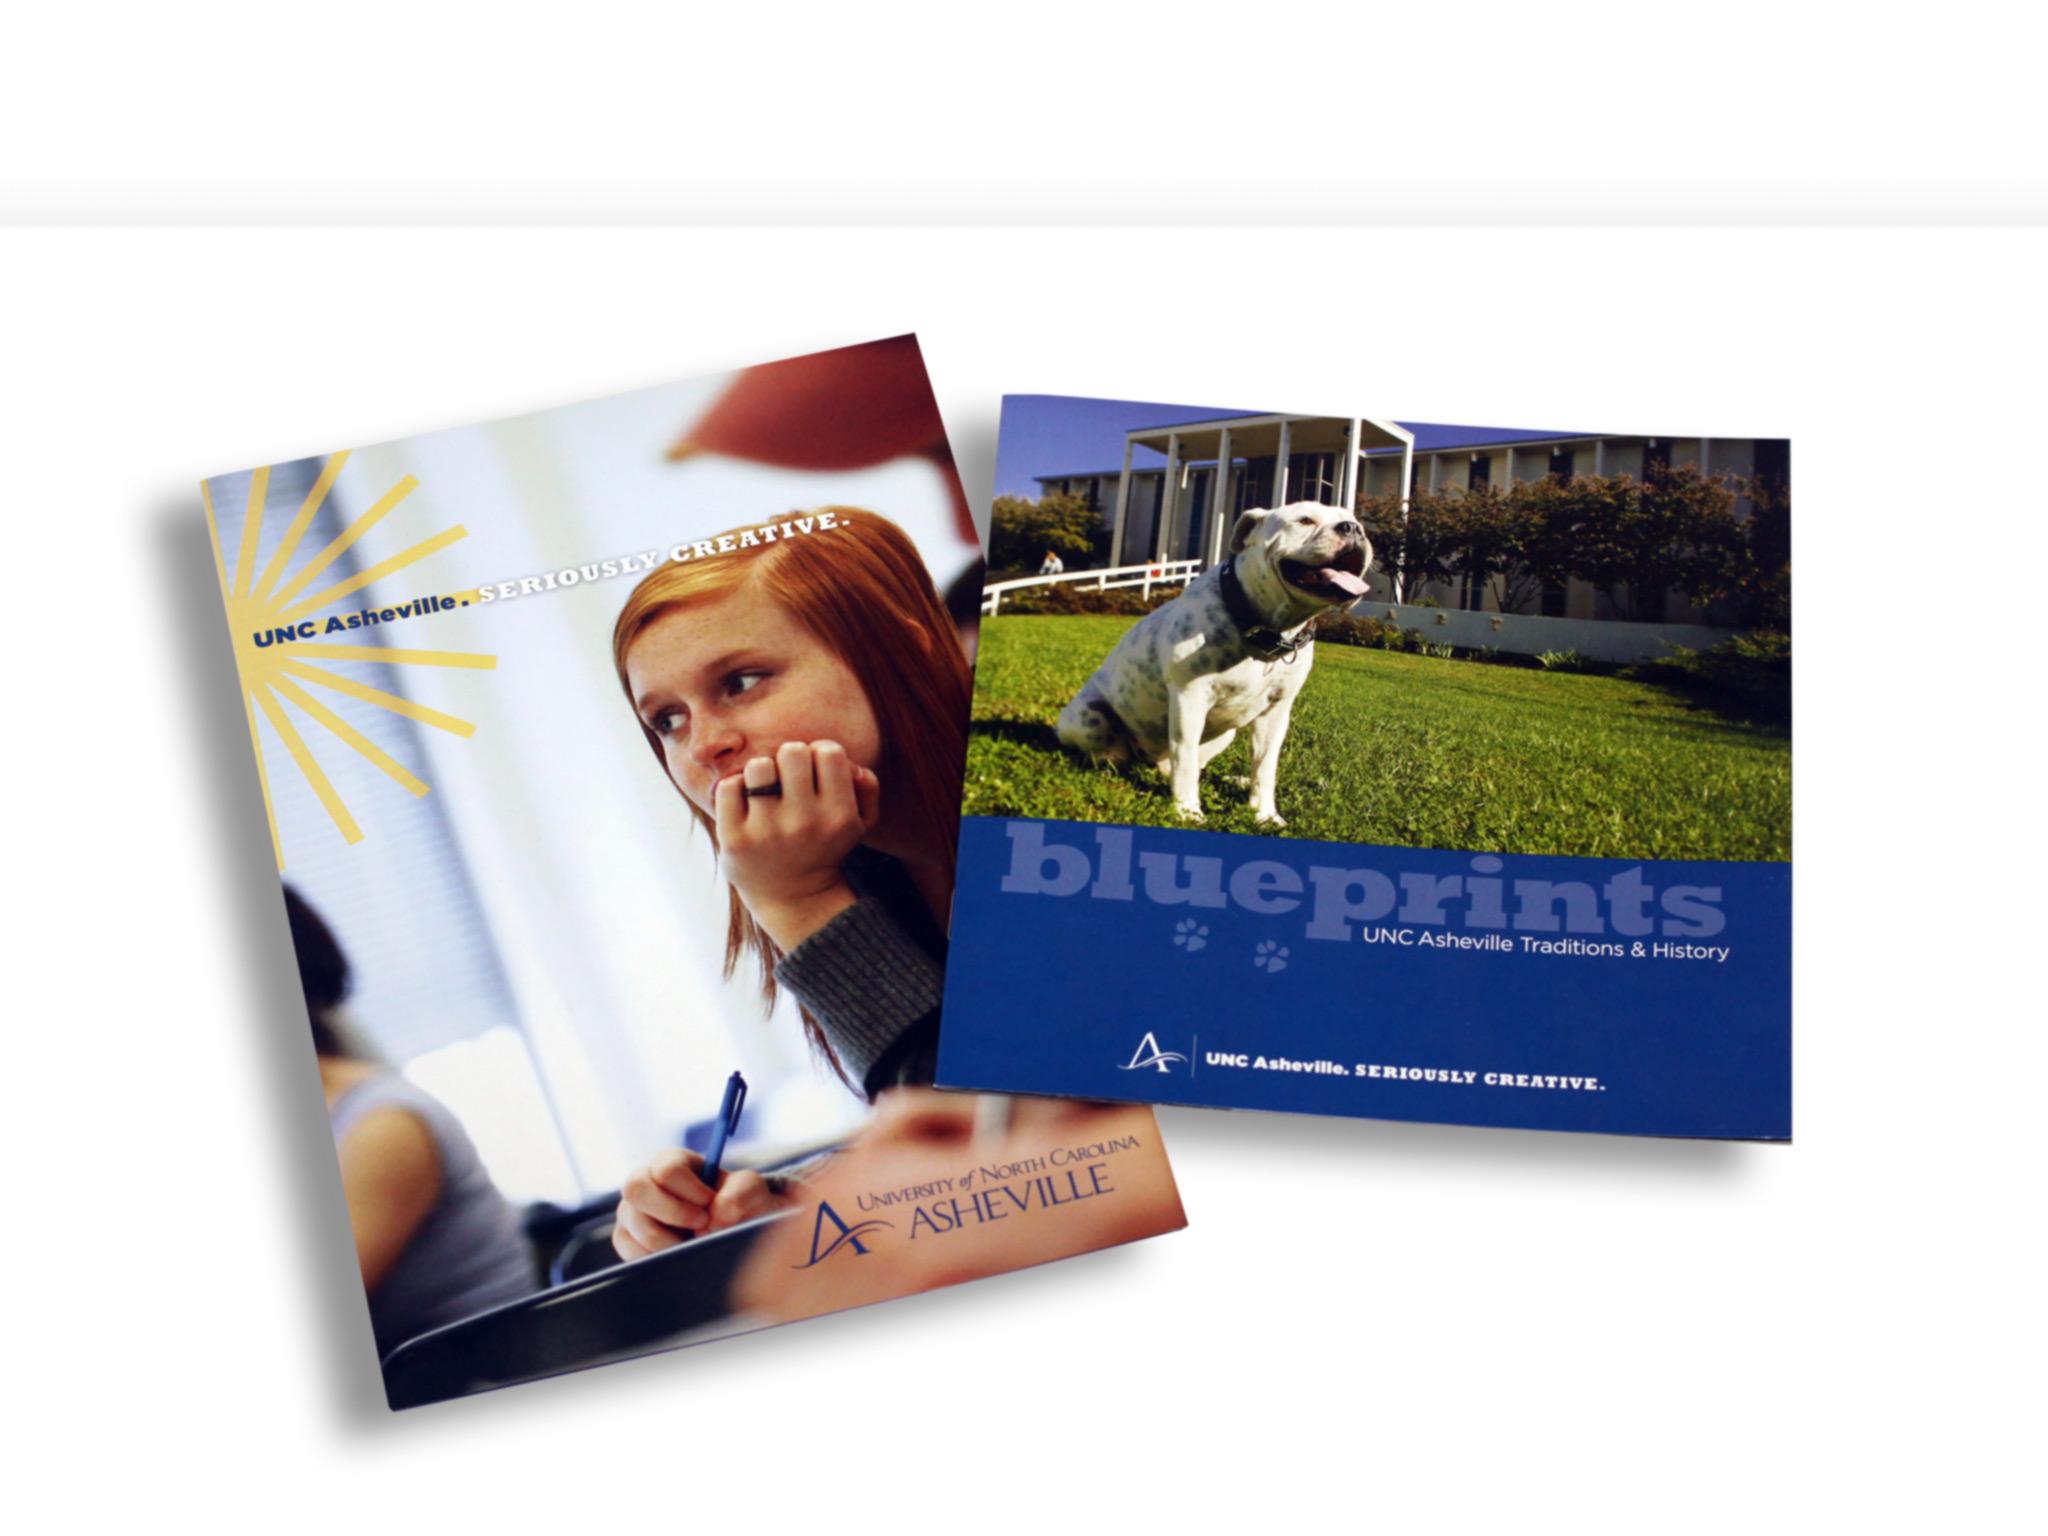 UNC Asheville Booklets